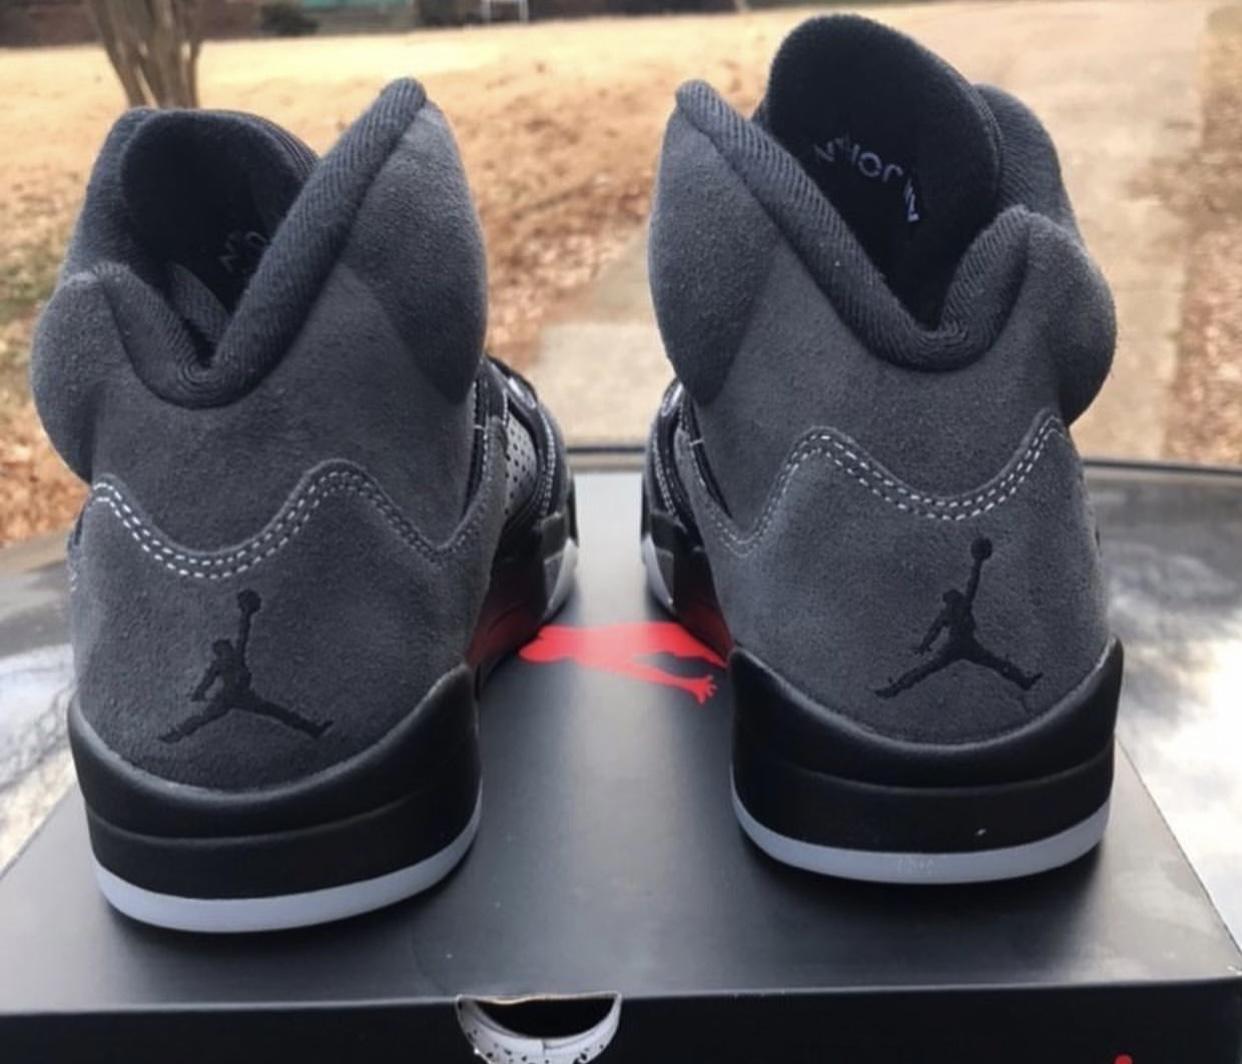 zsneakerheadz, Jordan Brand, Jordan 5, Jordan, Black, Air Jordan 5, Air Jordan